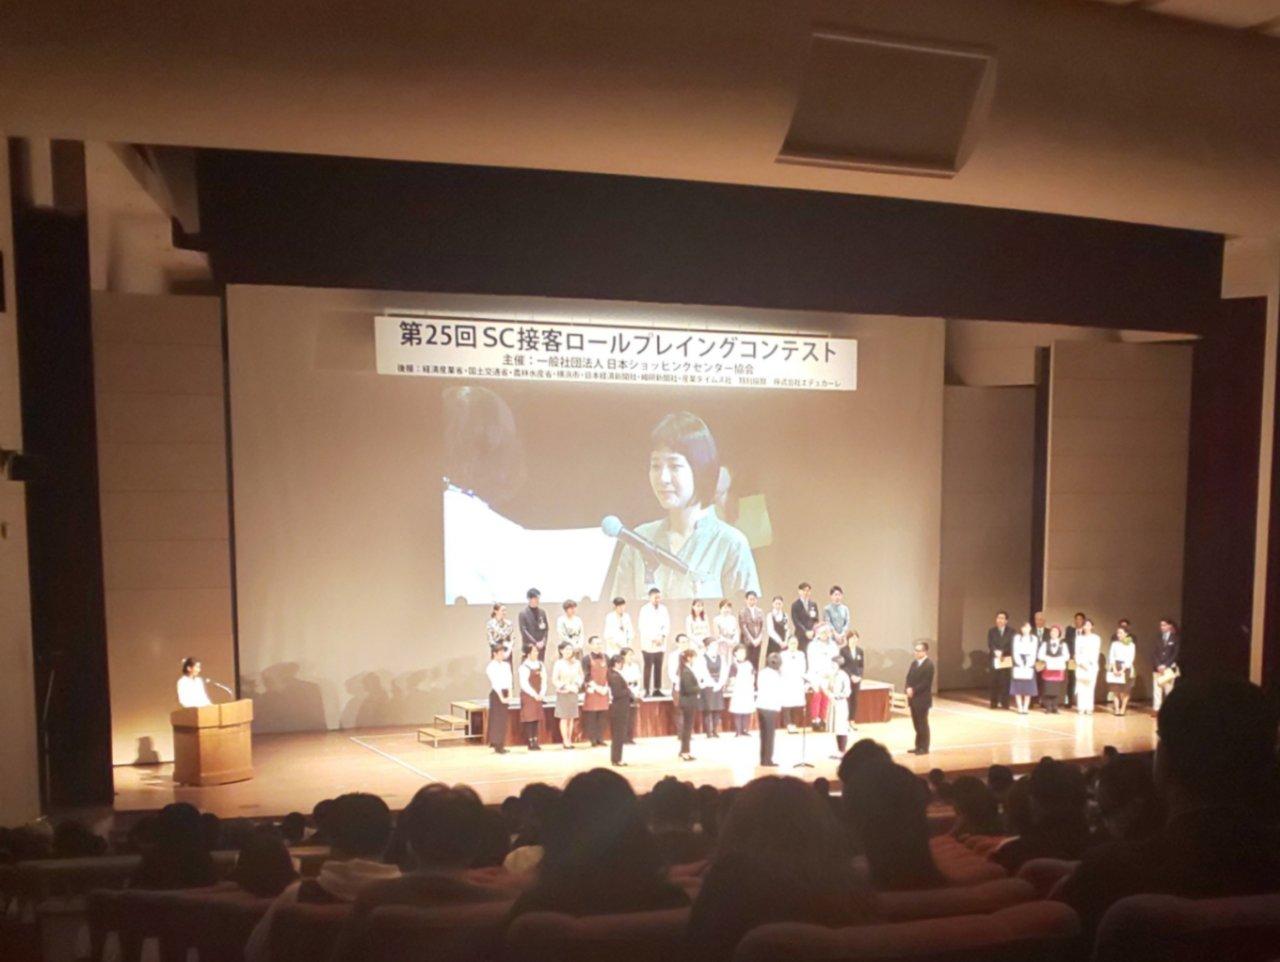 第25回 日本SC協会主催「全国ロールプレイングコンテスト」見て思うこと・・・の画像